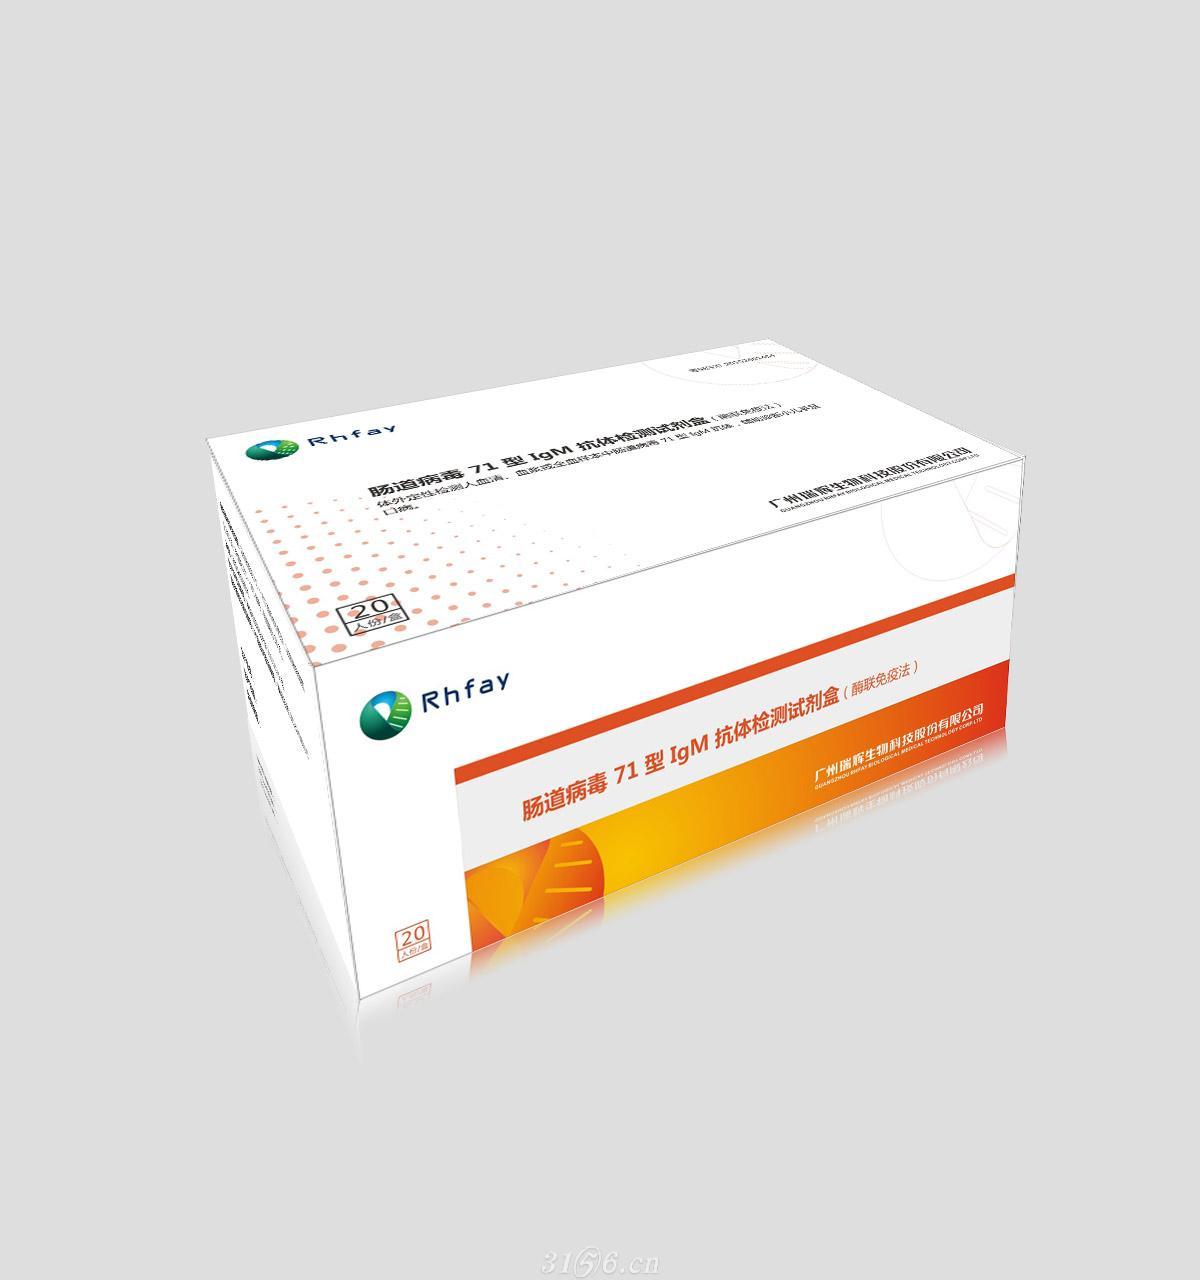 细菌性阴道病联合检测试剂盒(酶化学法)